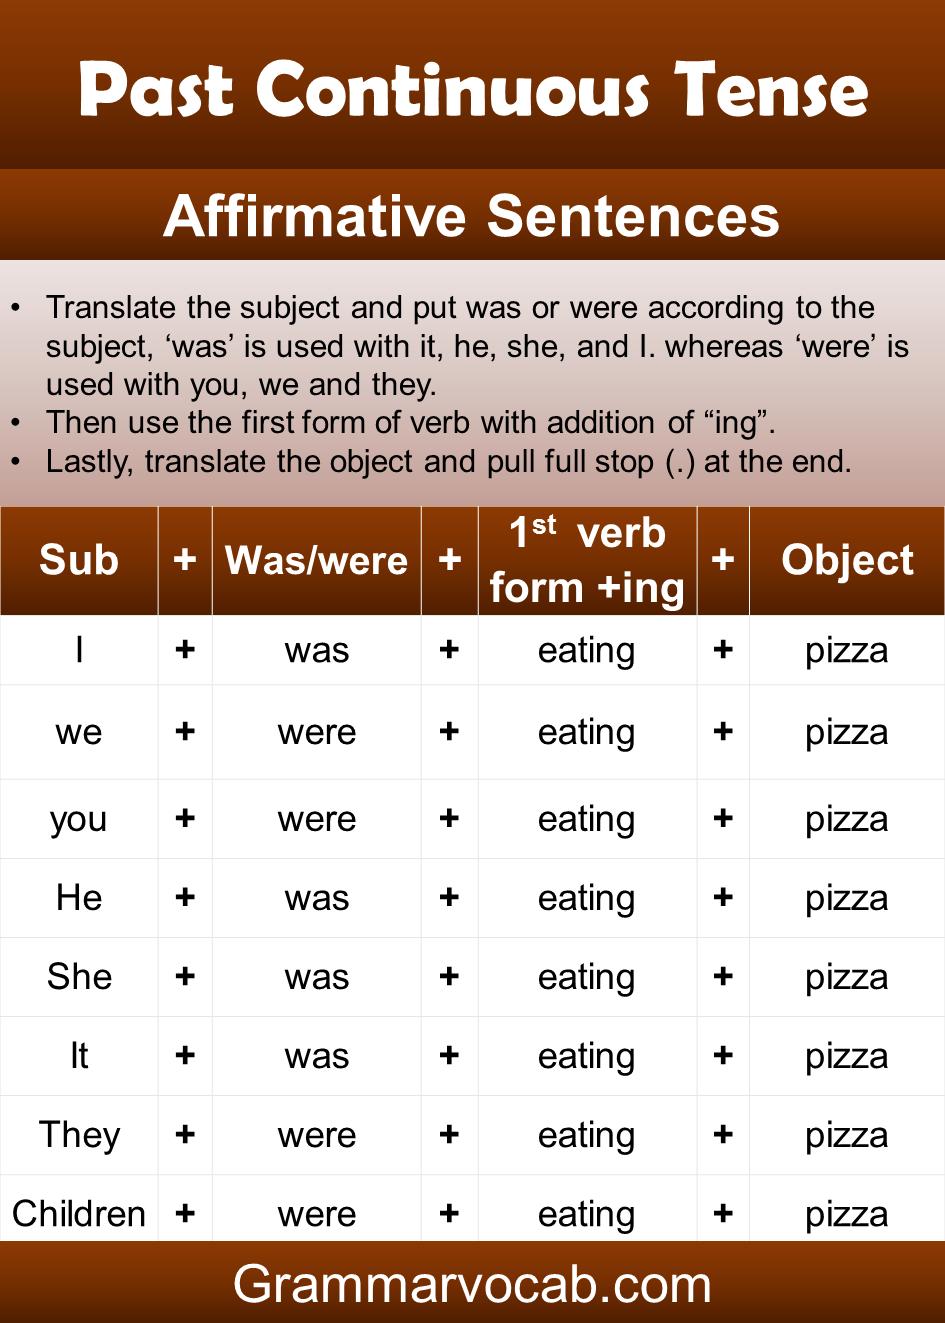 past continuous tense affirmative sentence structure